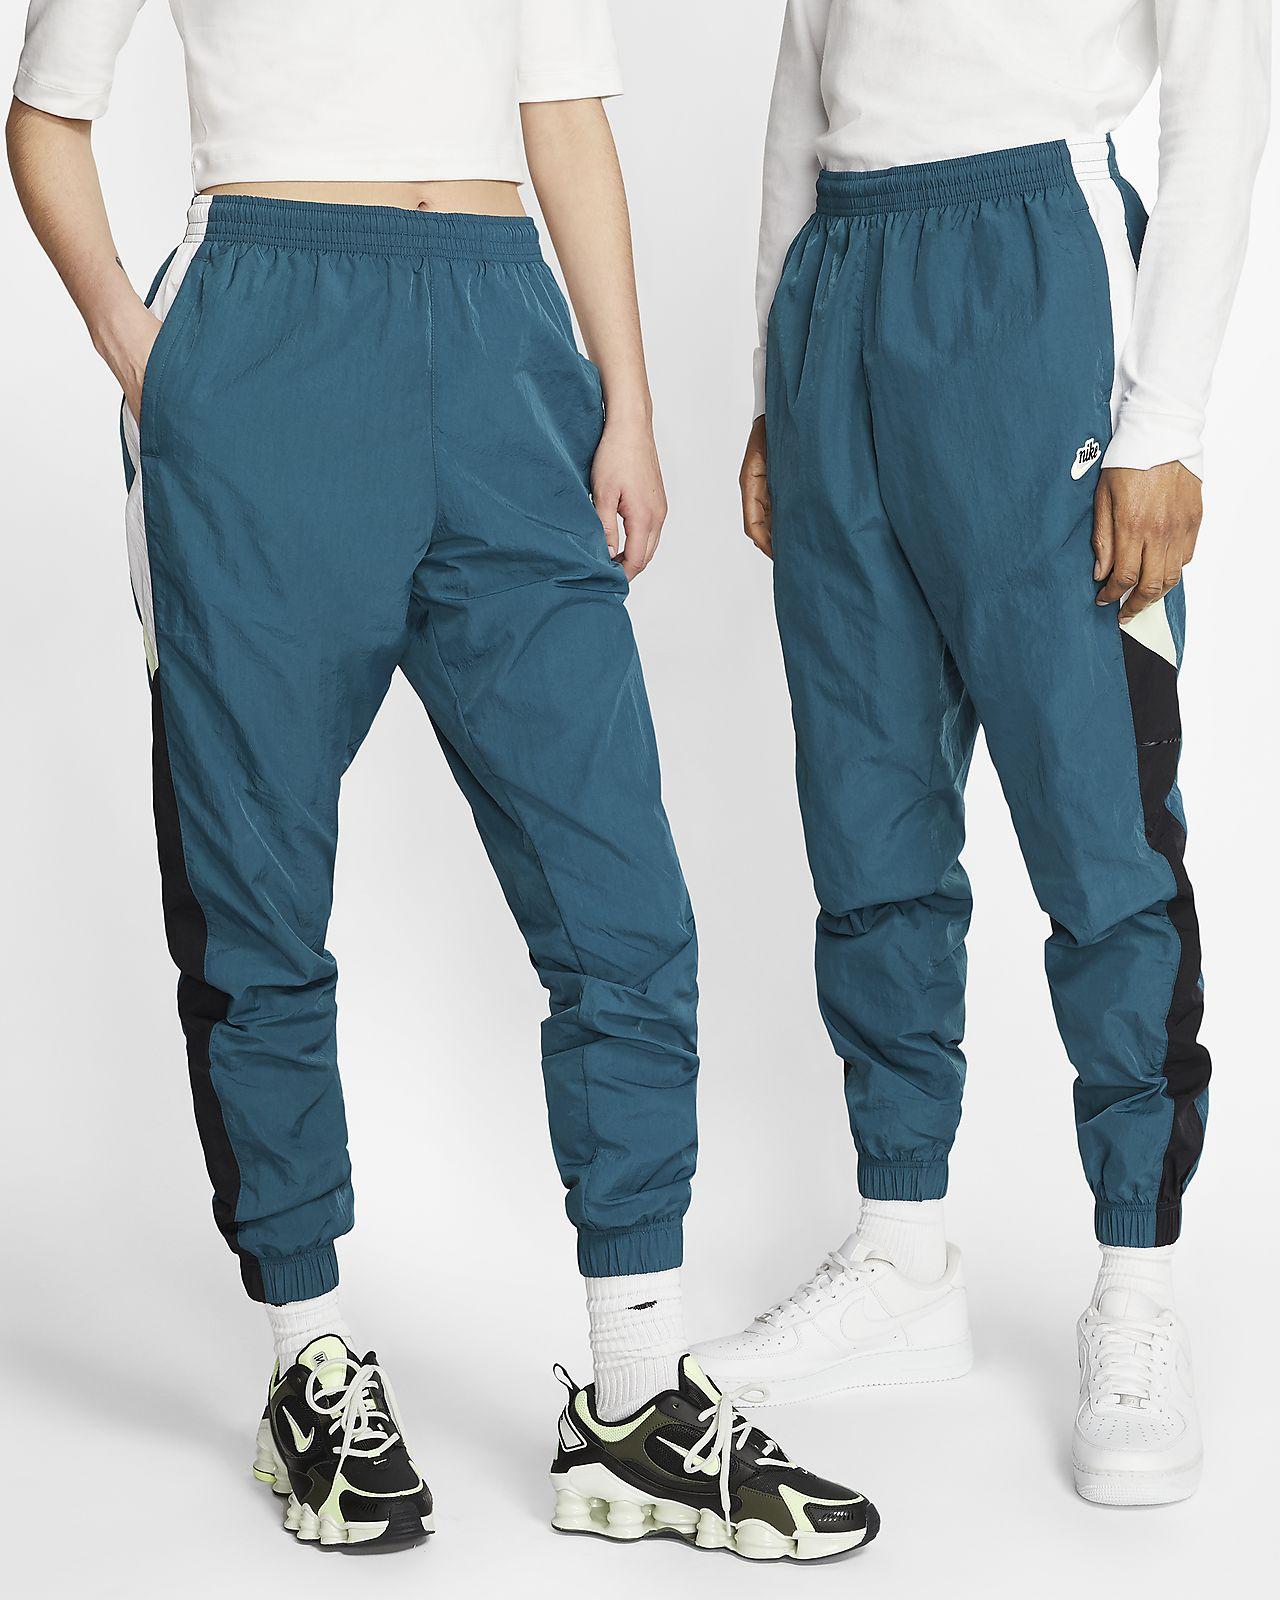 Nike Sportswear Windrunner Woven Trousers